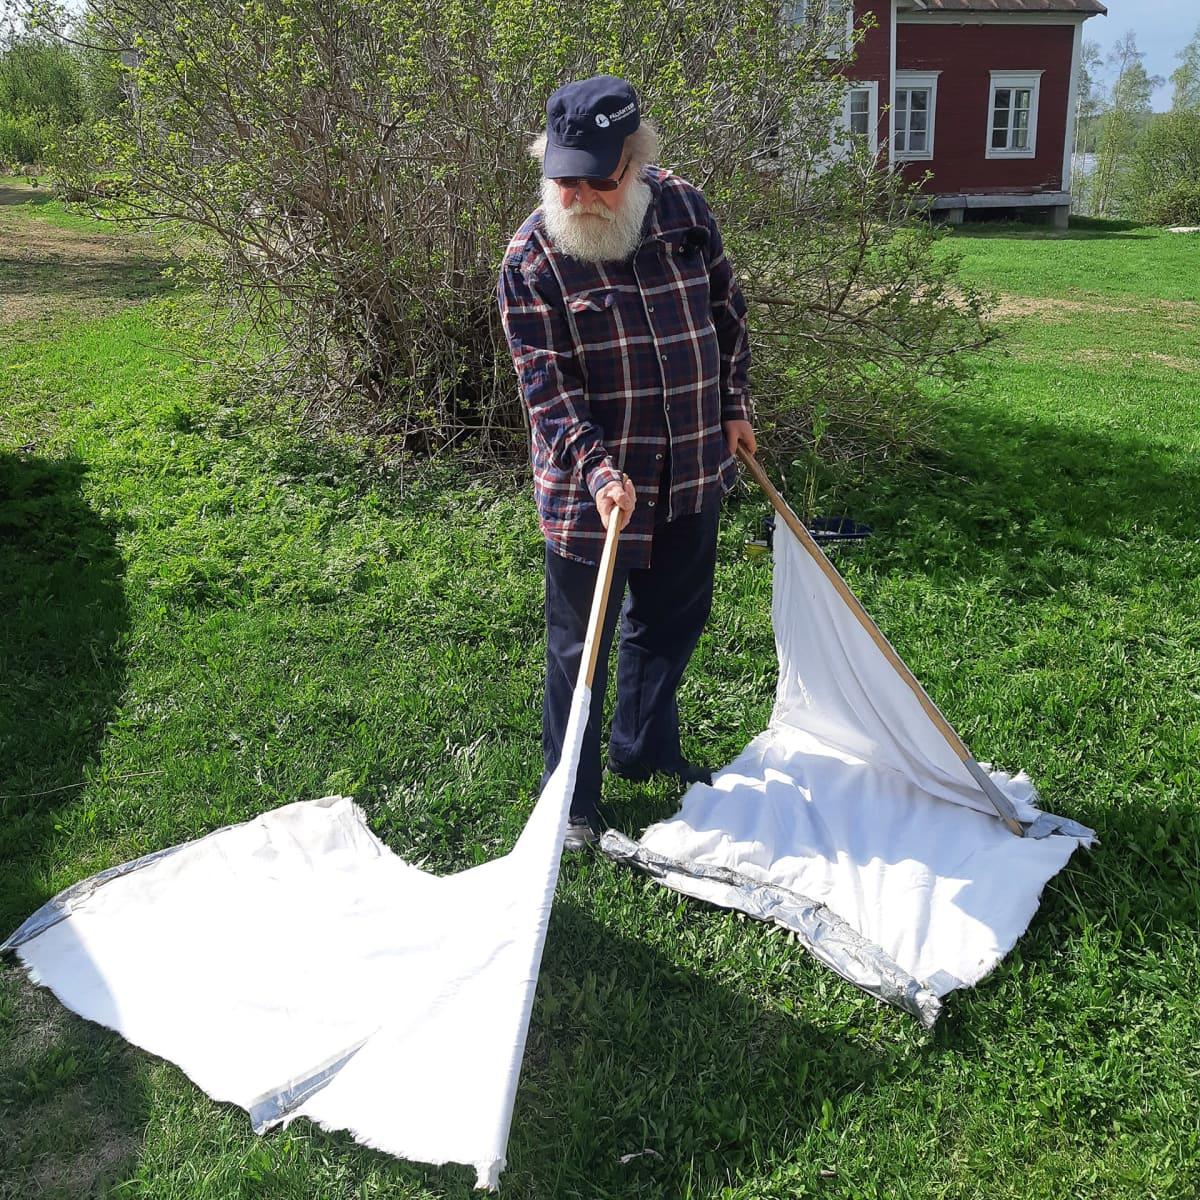 Heikki Henttonen kerää puutiaisia nurmikolta puurimoihin kiinnitettyjen kankaiden avulla.